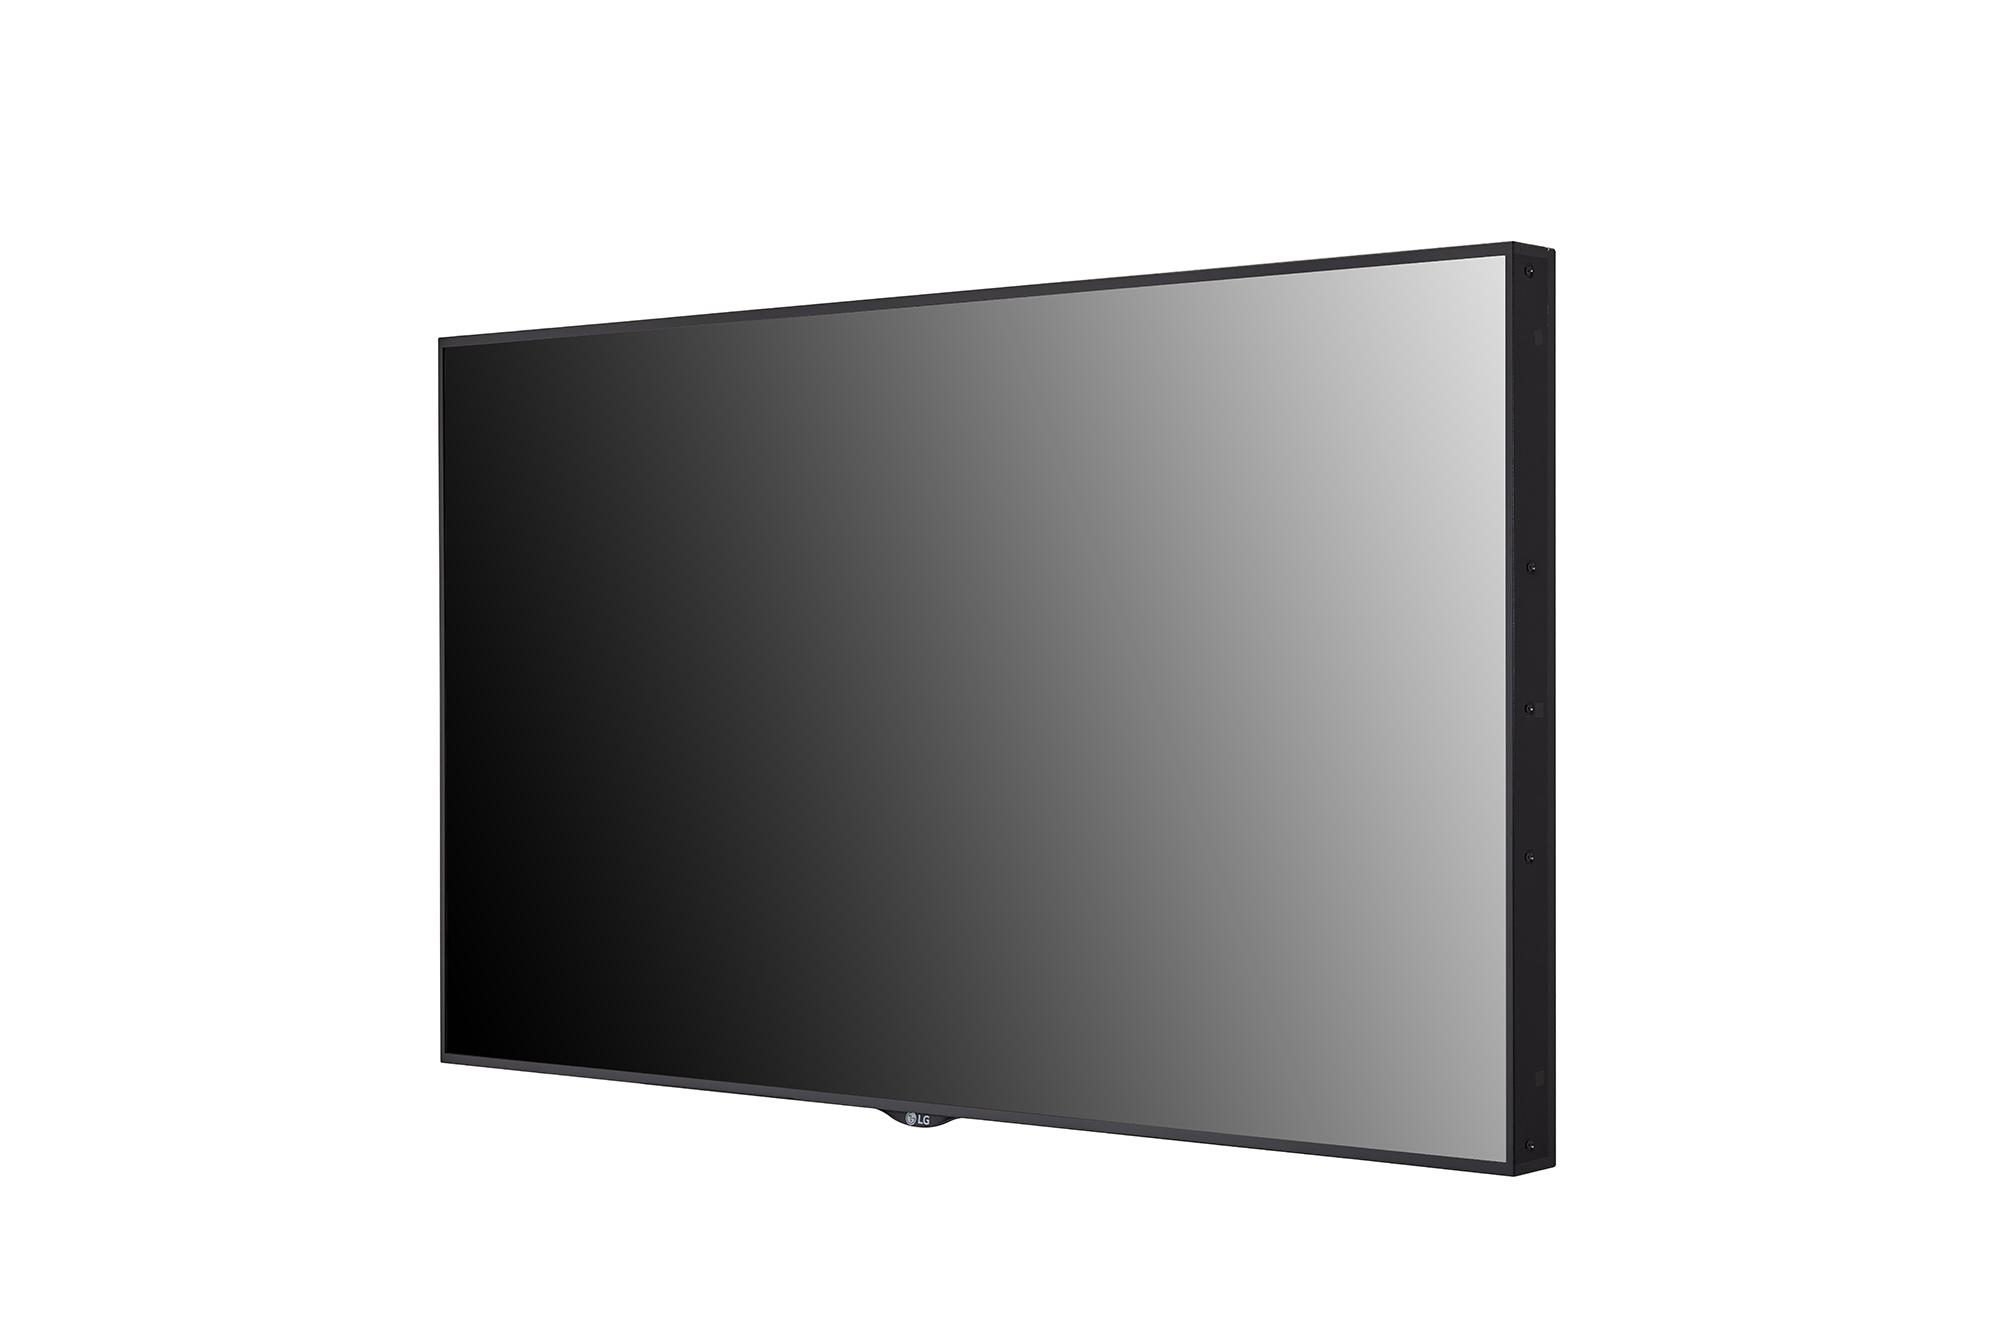 Digital Signage 55XS4J-B, -45 degree side view